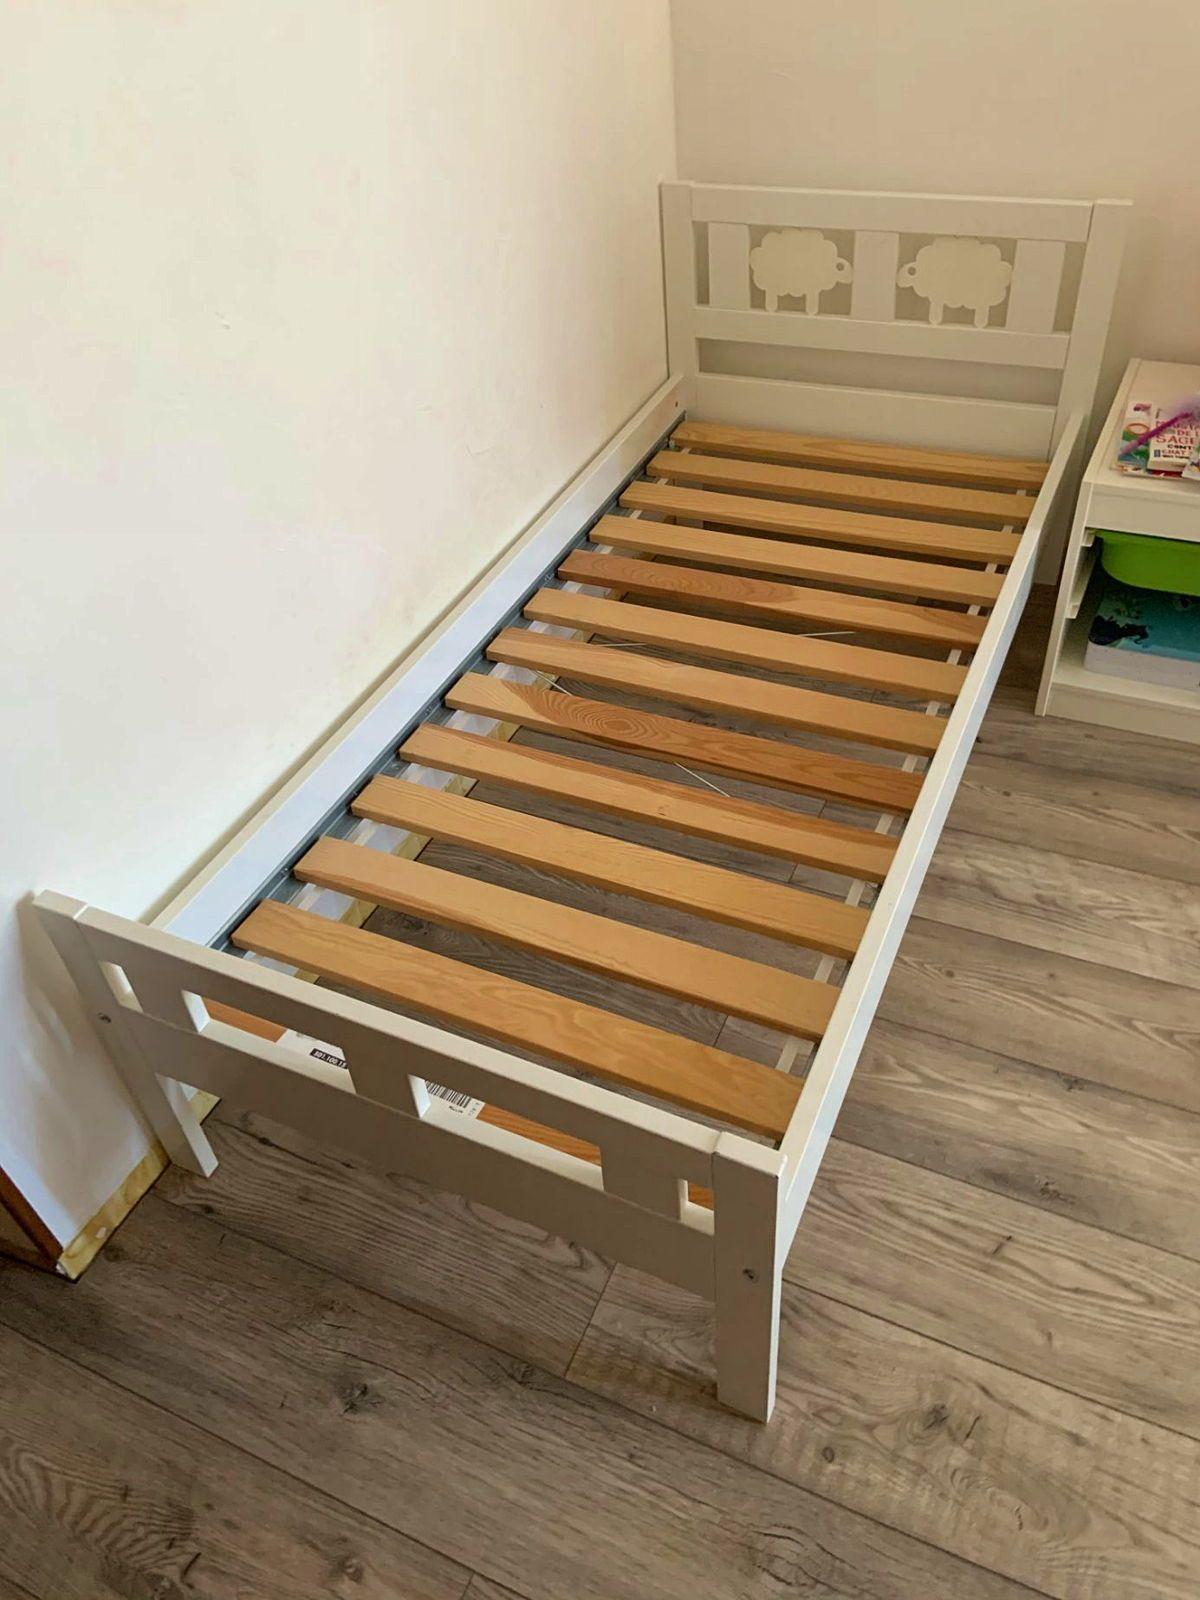 Lit enfant IKEA KRITTER - Cadre et sommier